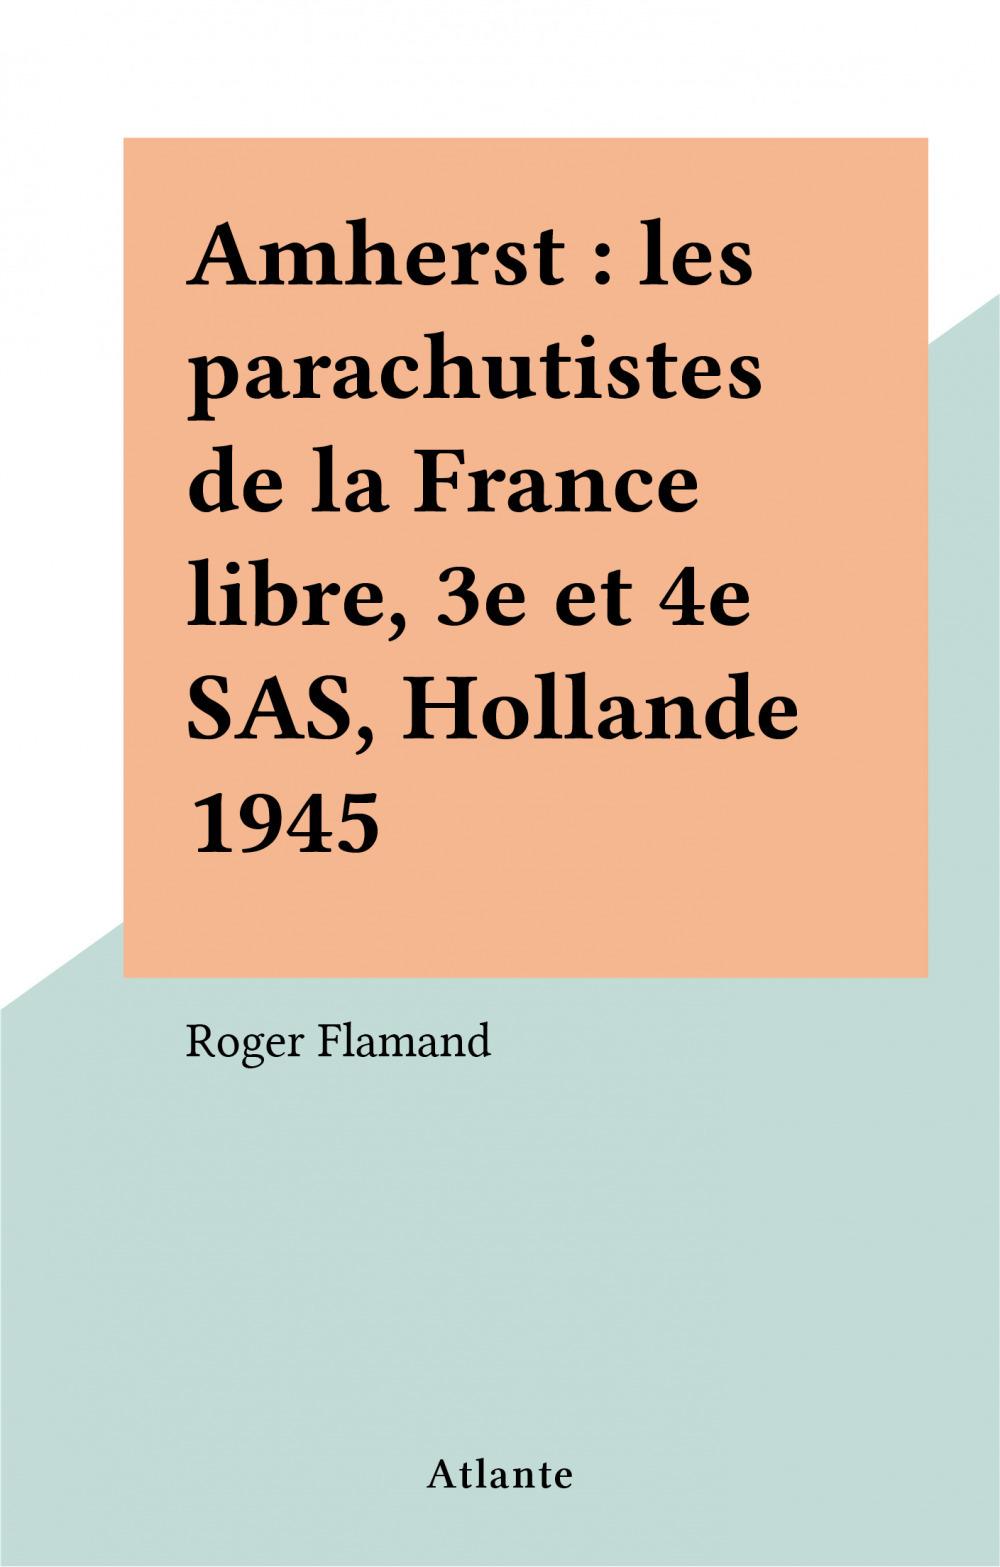 Amherst : les parachutistes de la France libre, 3e et 4e SAS, Hollande 1945